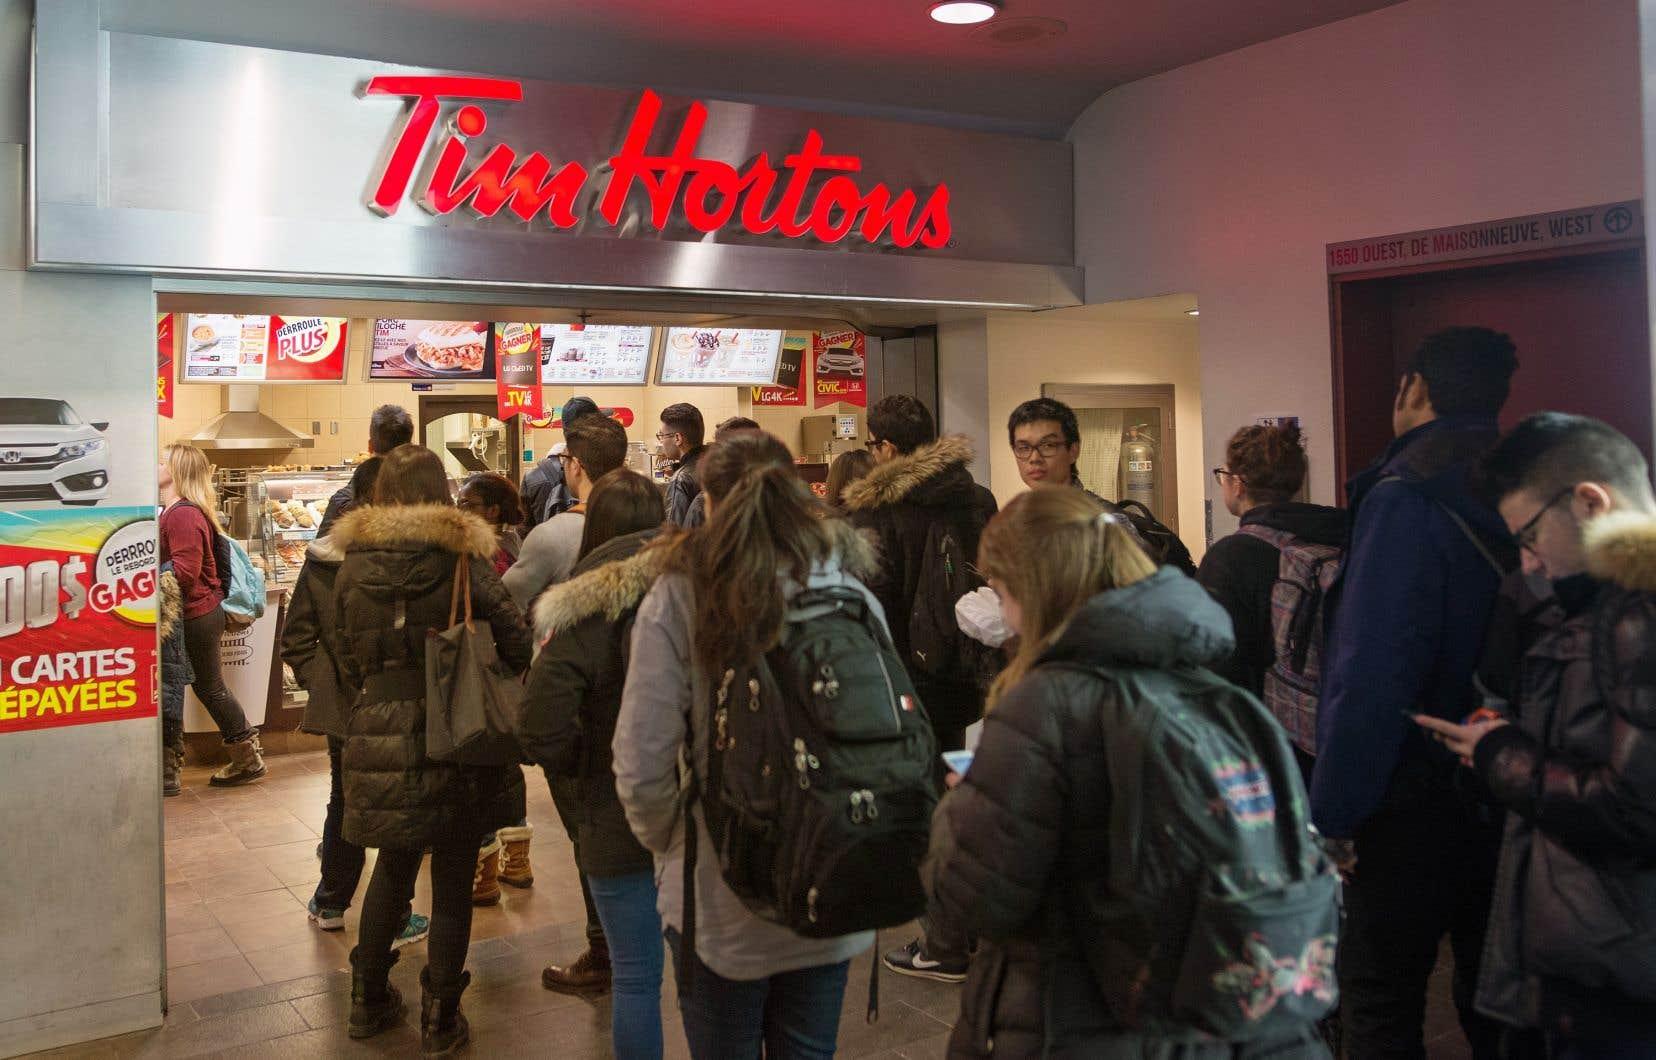 Tim Hortons a dit avoir pris sa décision après avoir sollicité les commentaires de ses propriétaires de restaurants ainsi que de ses clients.